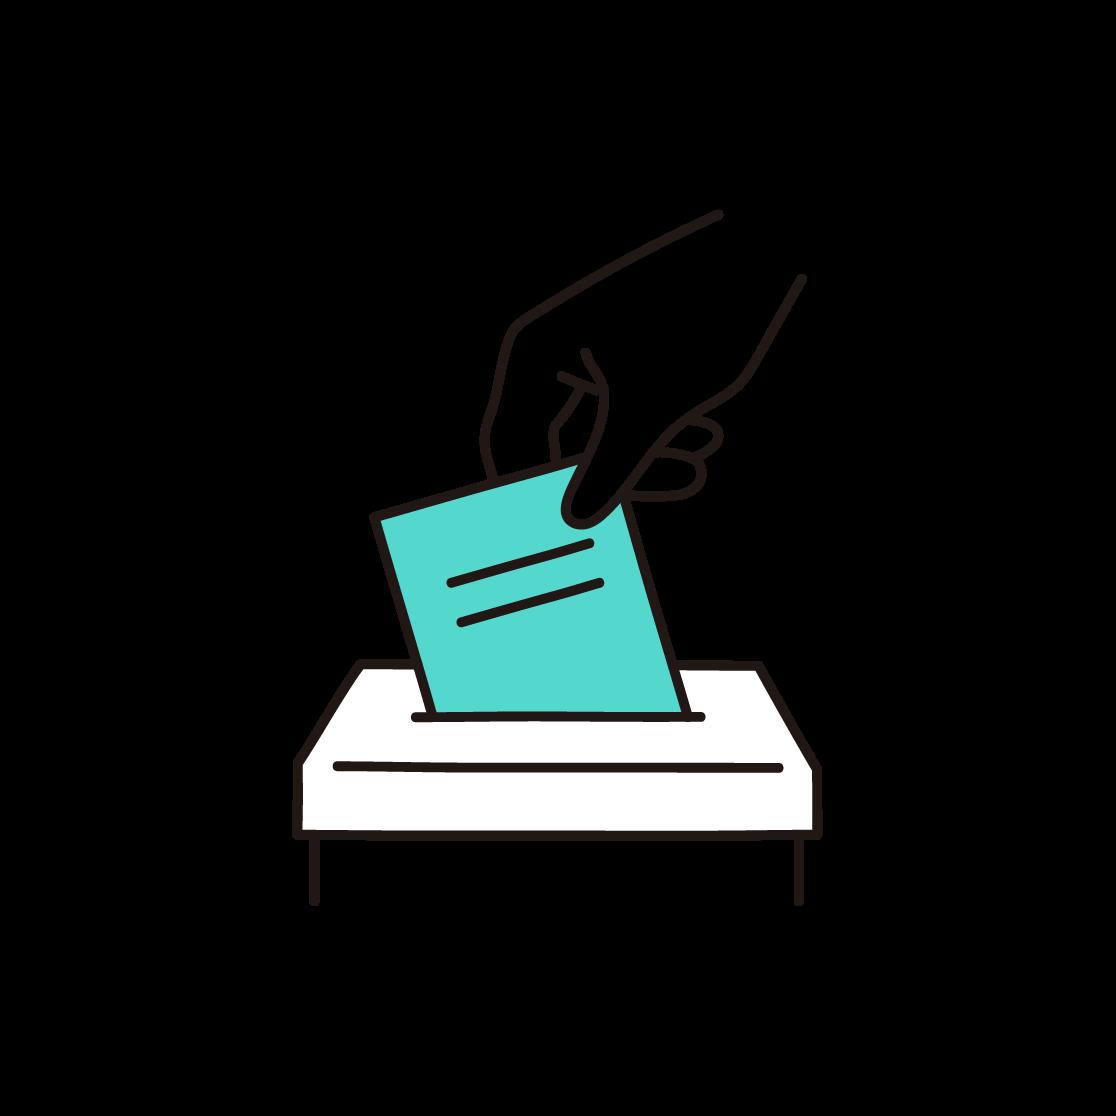 投票箱の単色イラスト